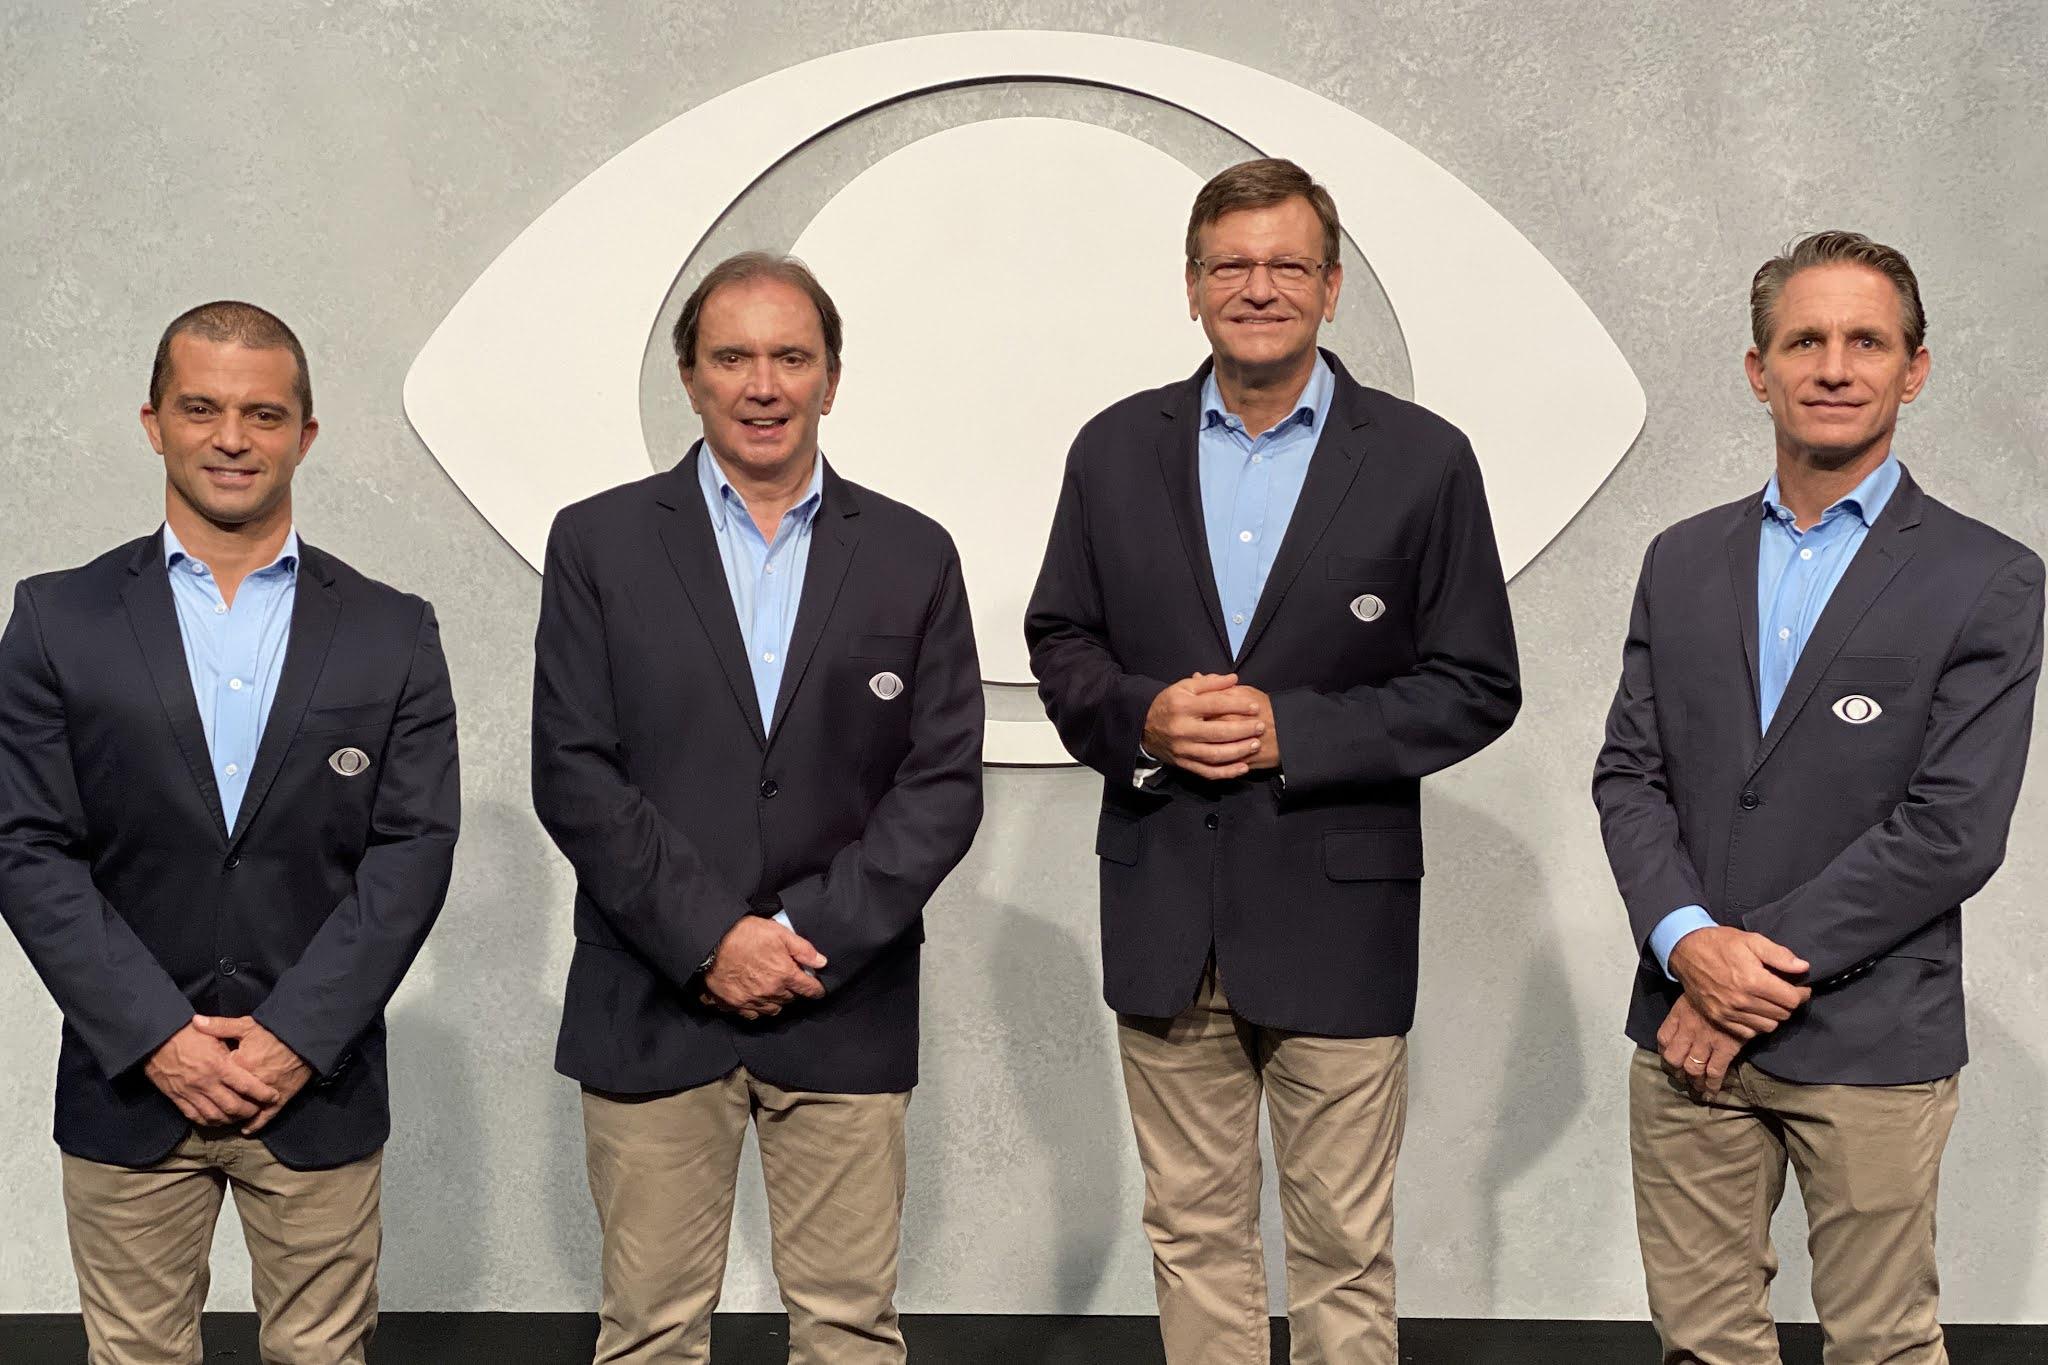 Fórmula 1 volta a ser transmitida com exclusividade na Band após 41 anos